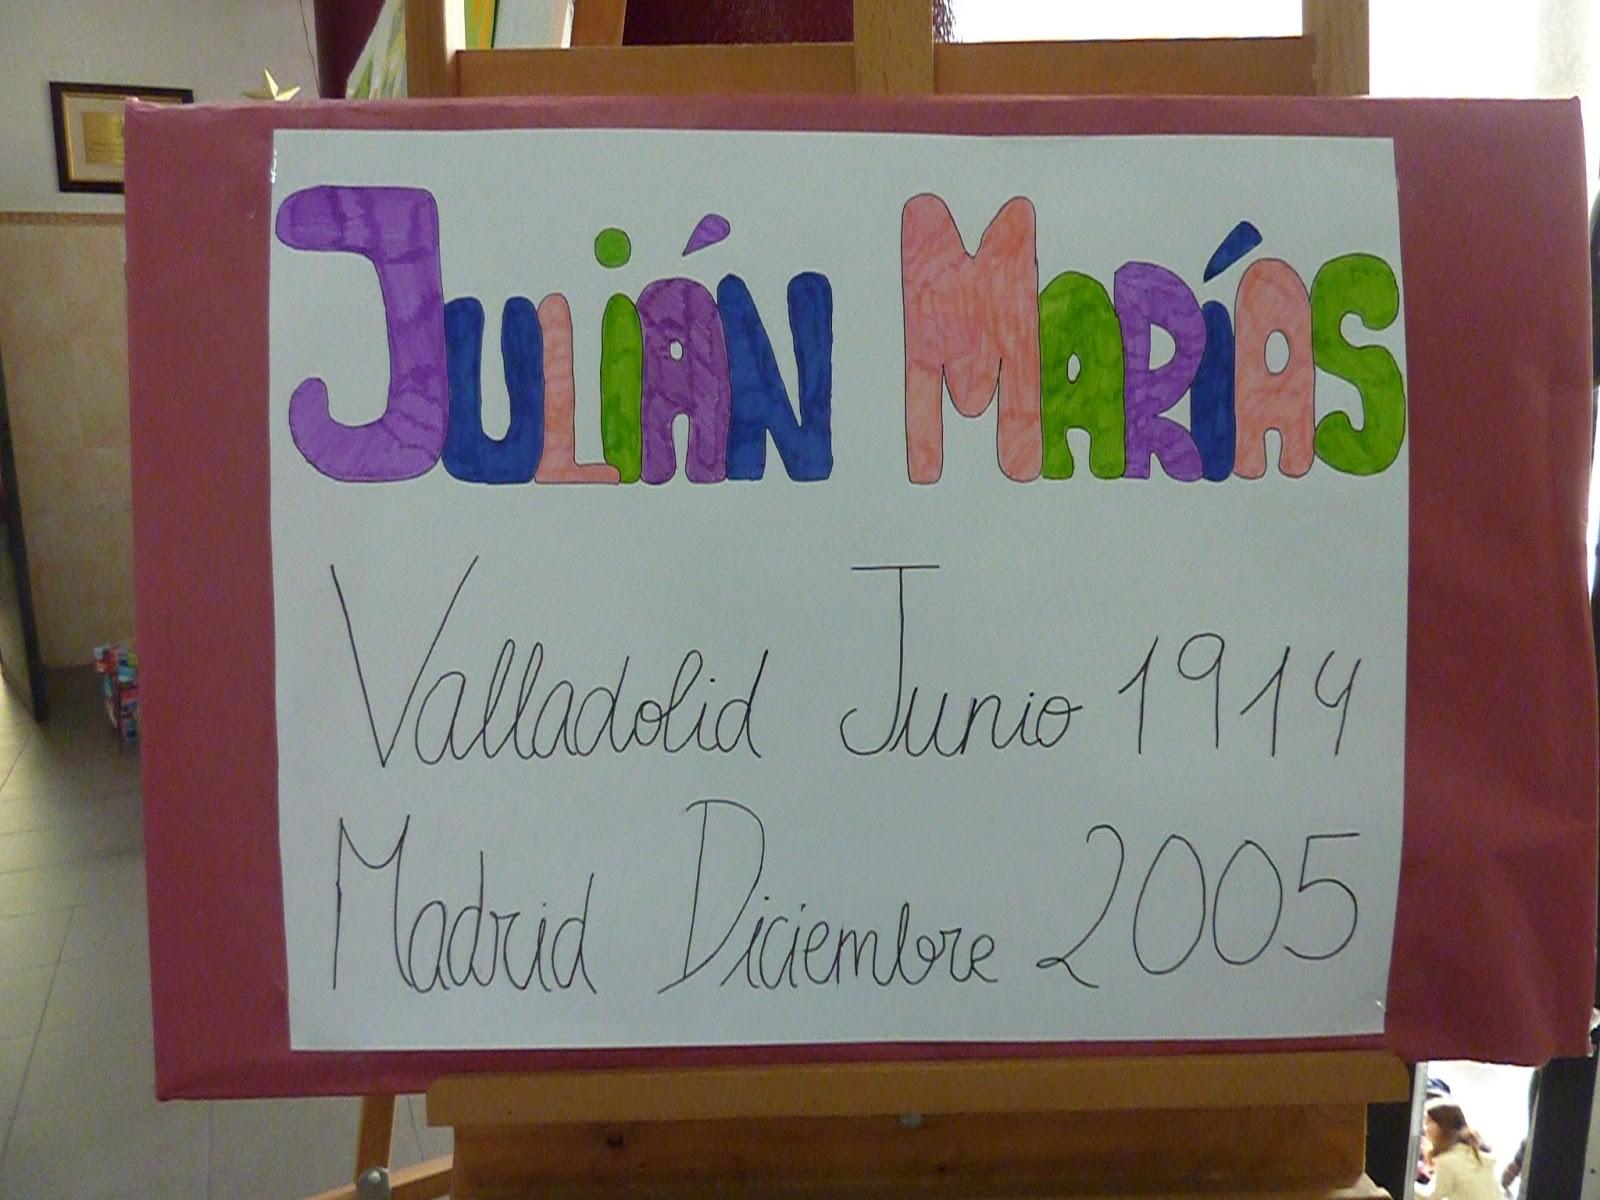 Calendario Escolar 2019 Valladolid Más Caliente A M P A I E S Julian Maras Valladolid Llegan Las Vacaciones Of Calendario Escolar 2019 Valladolid Más Populares Boe Documento Consolidado Boe A 2018 9268